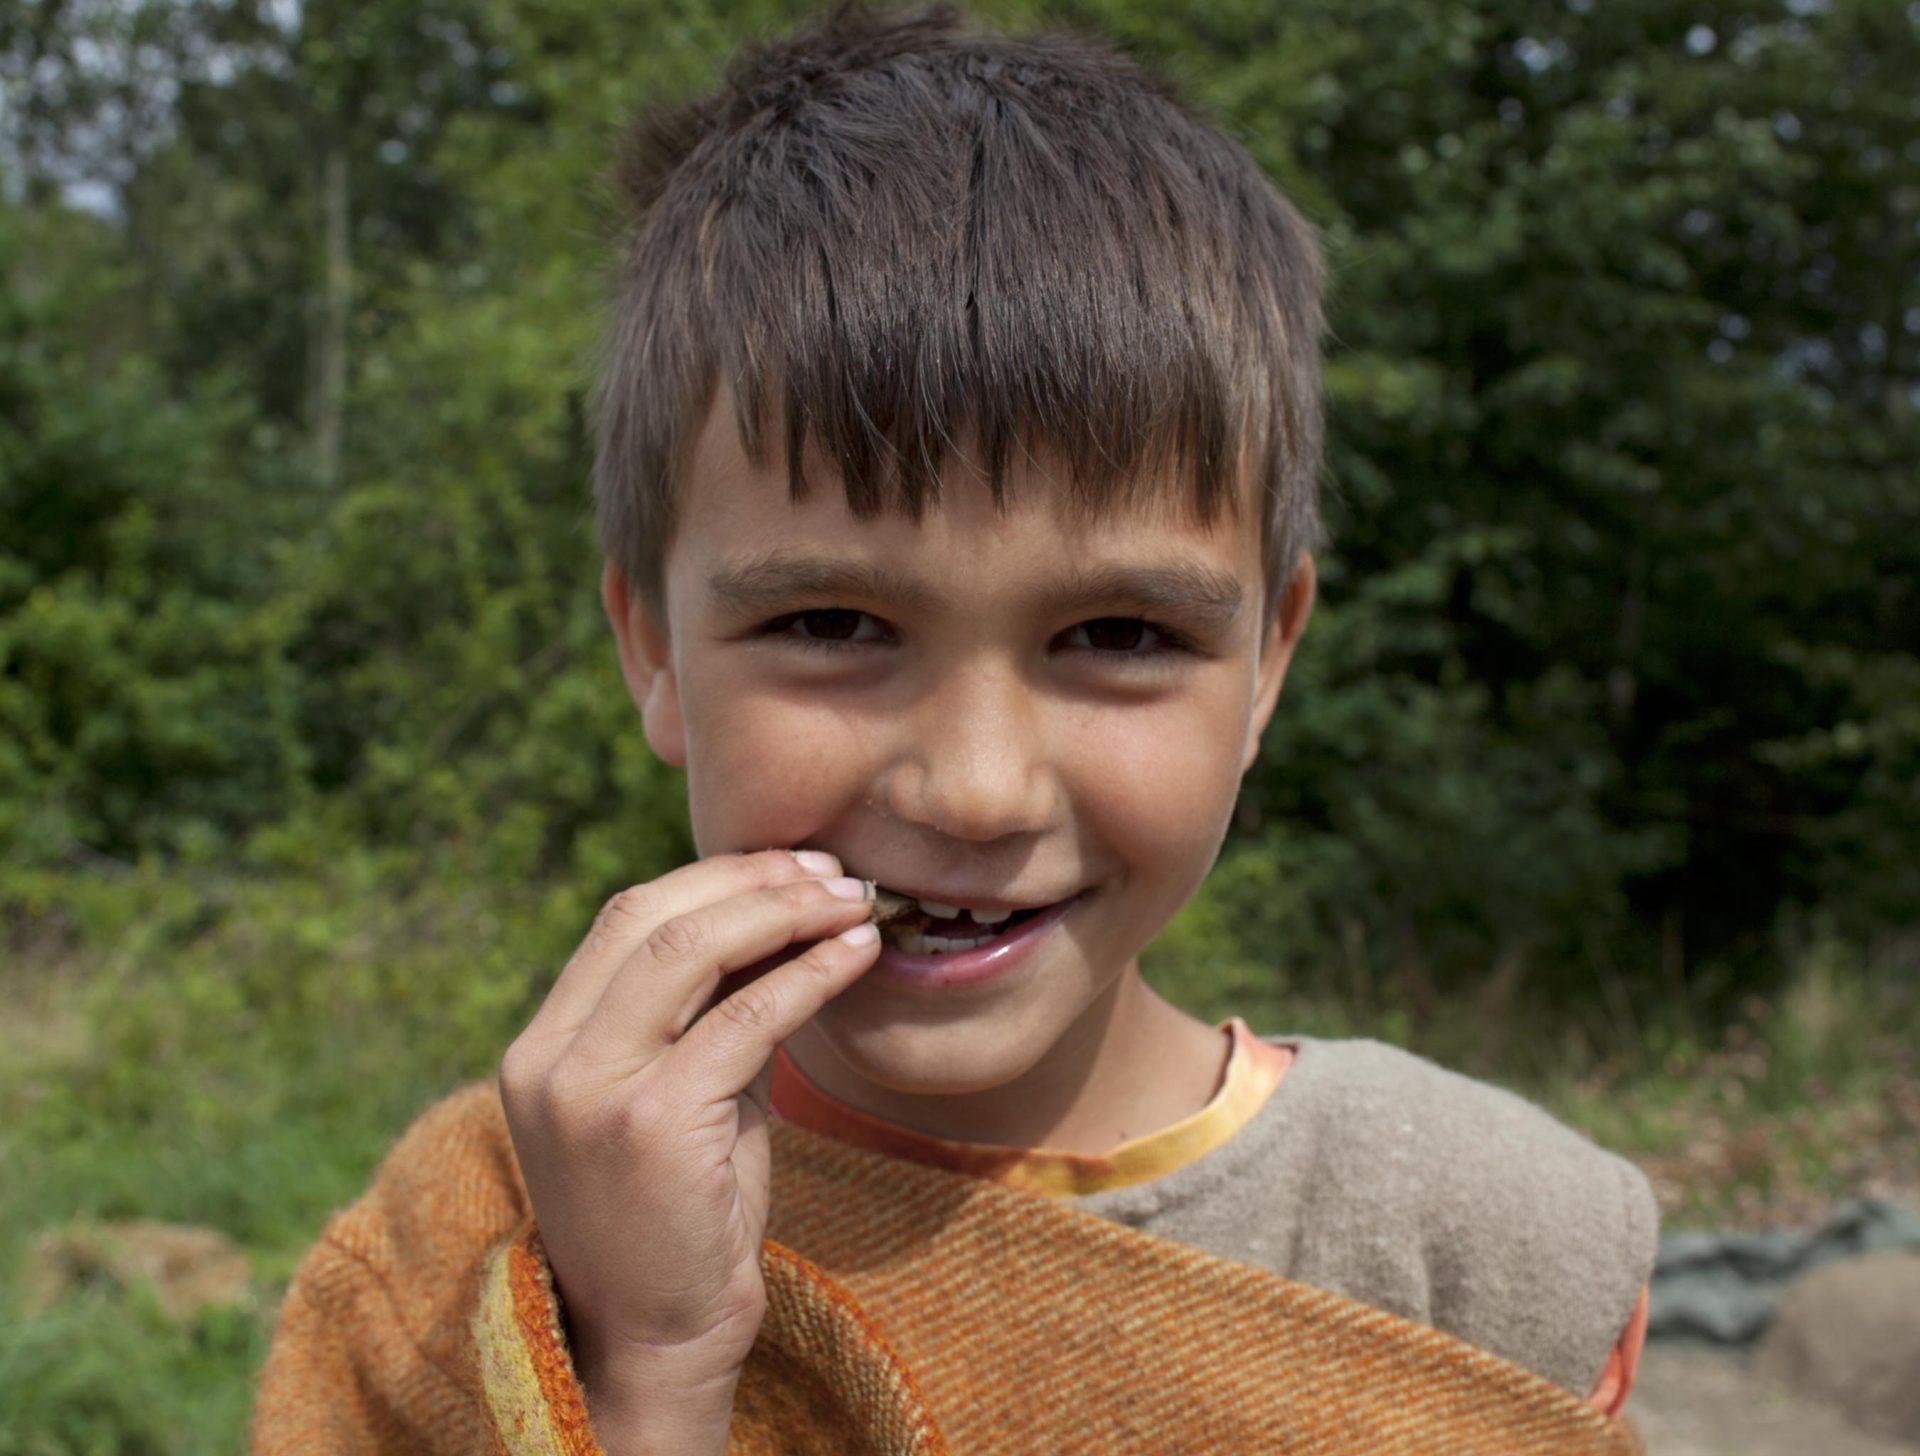 dreng i tøj fra jernalderen